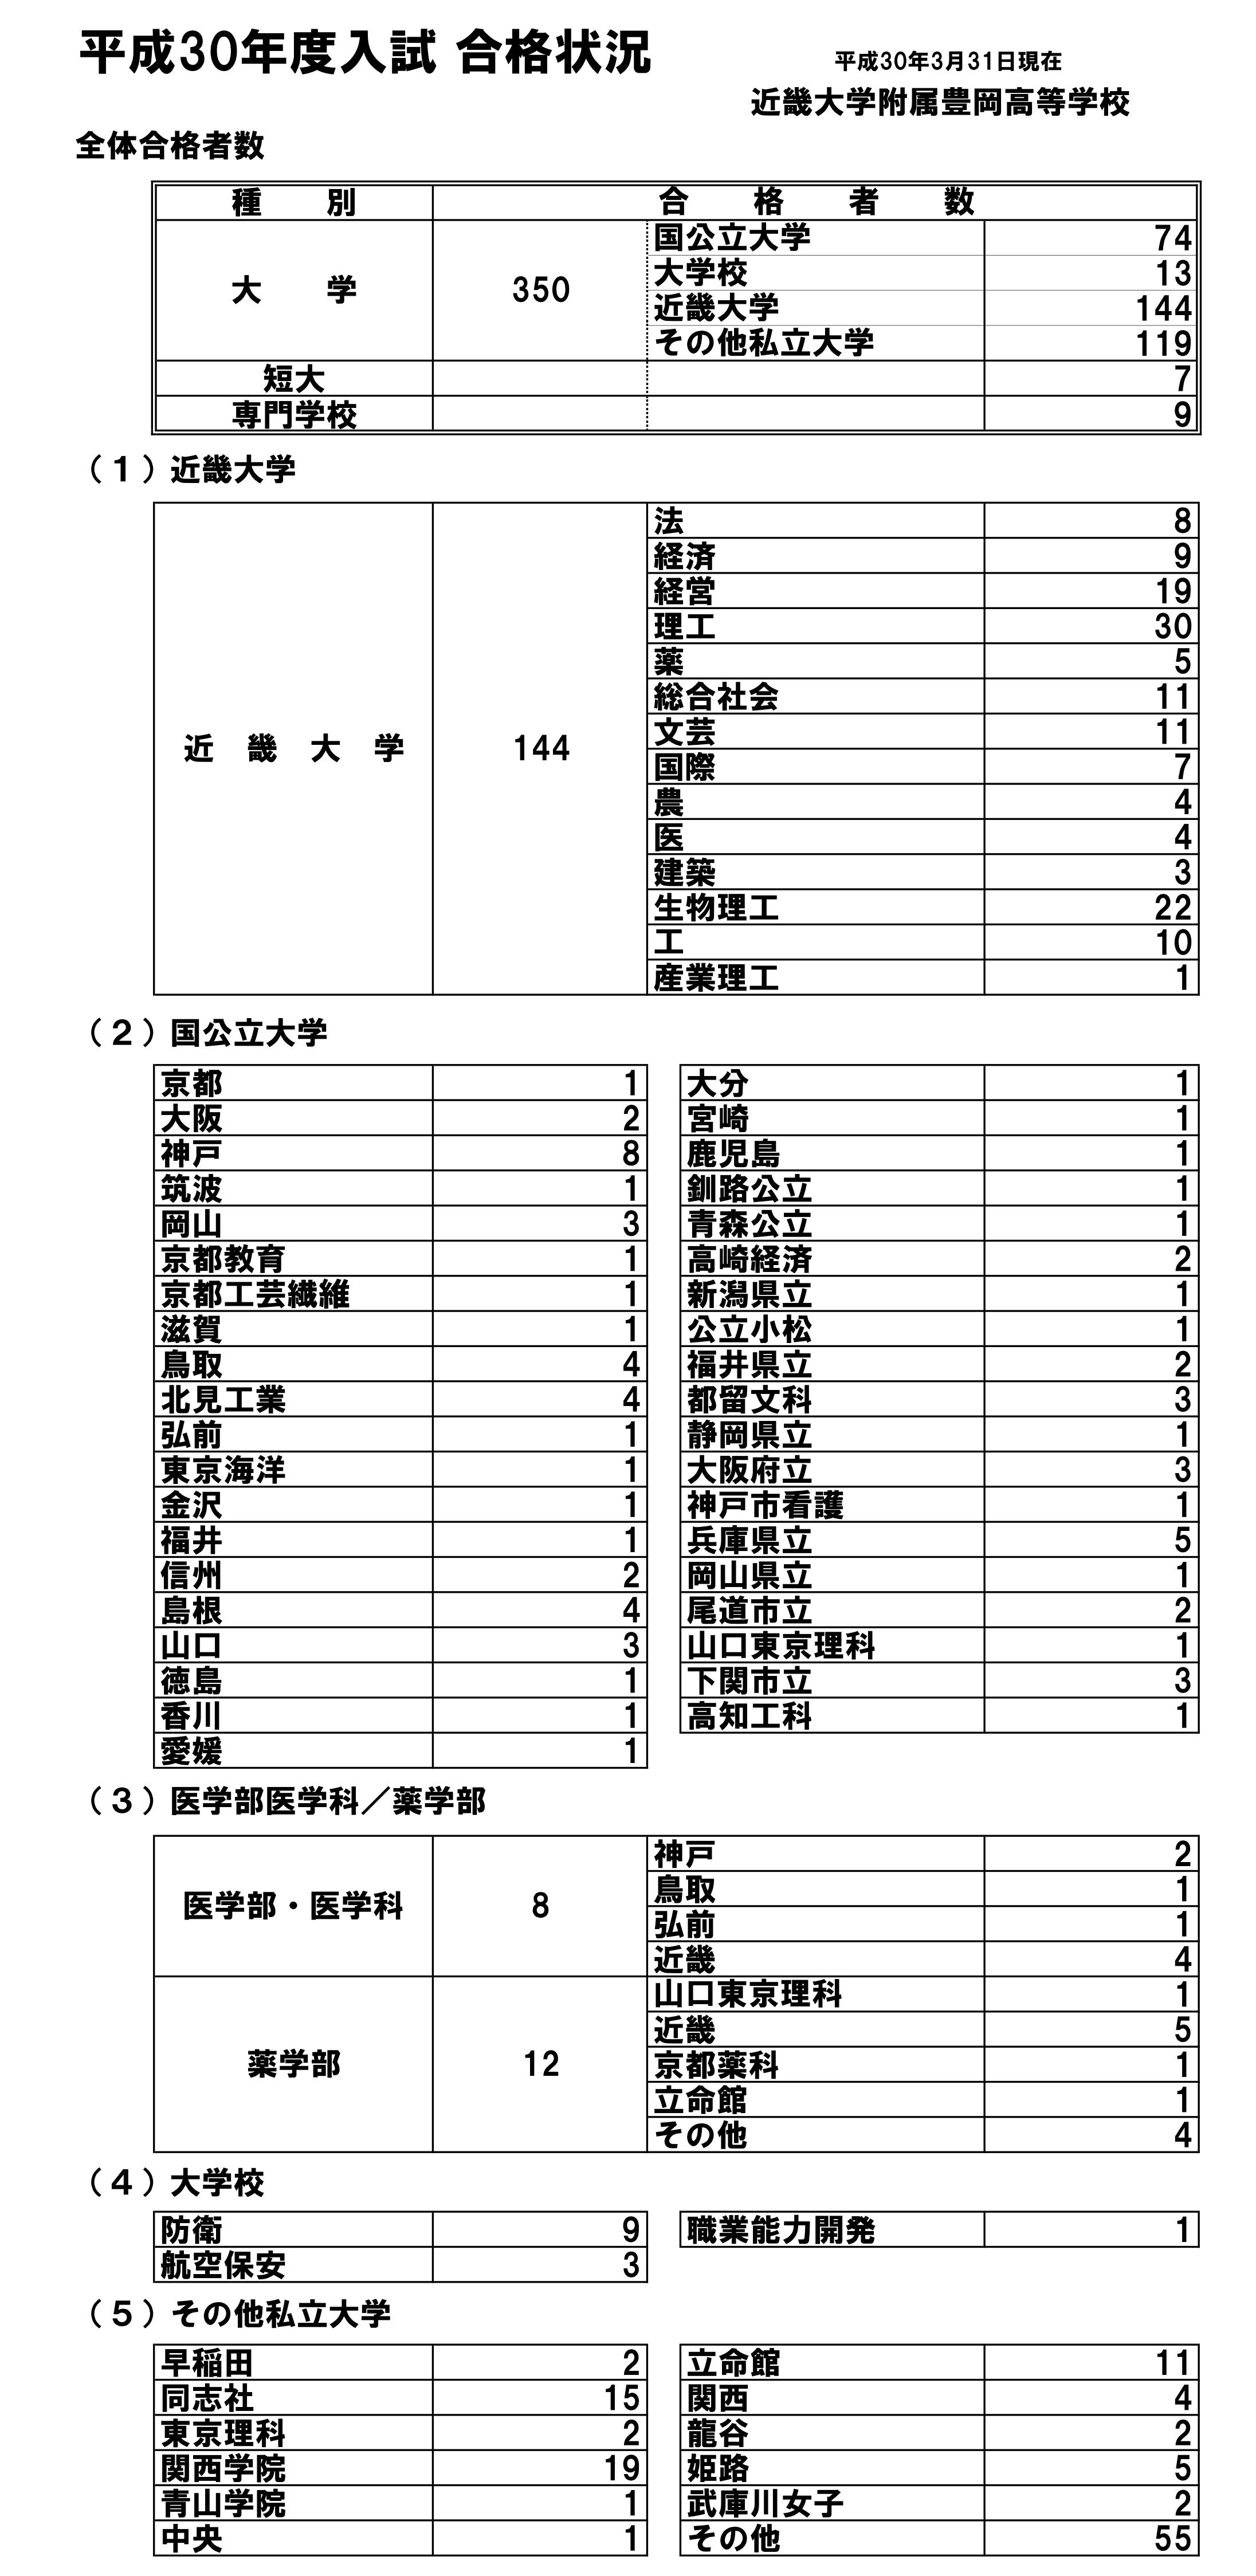 http://www.kindai-toyooka.ed.jp/info/336a16fa46985fbdd27277d172b845291a1531cf.png